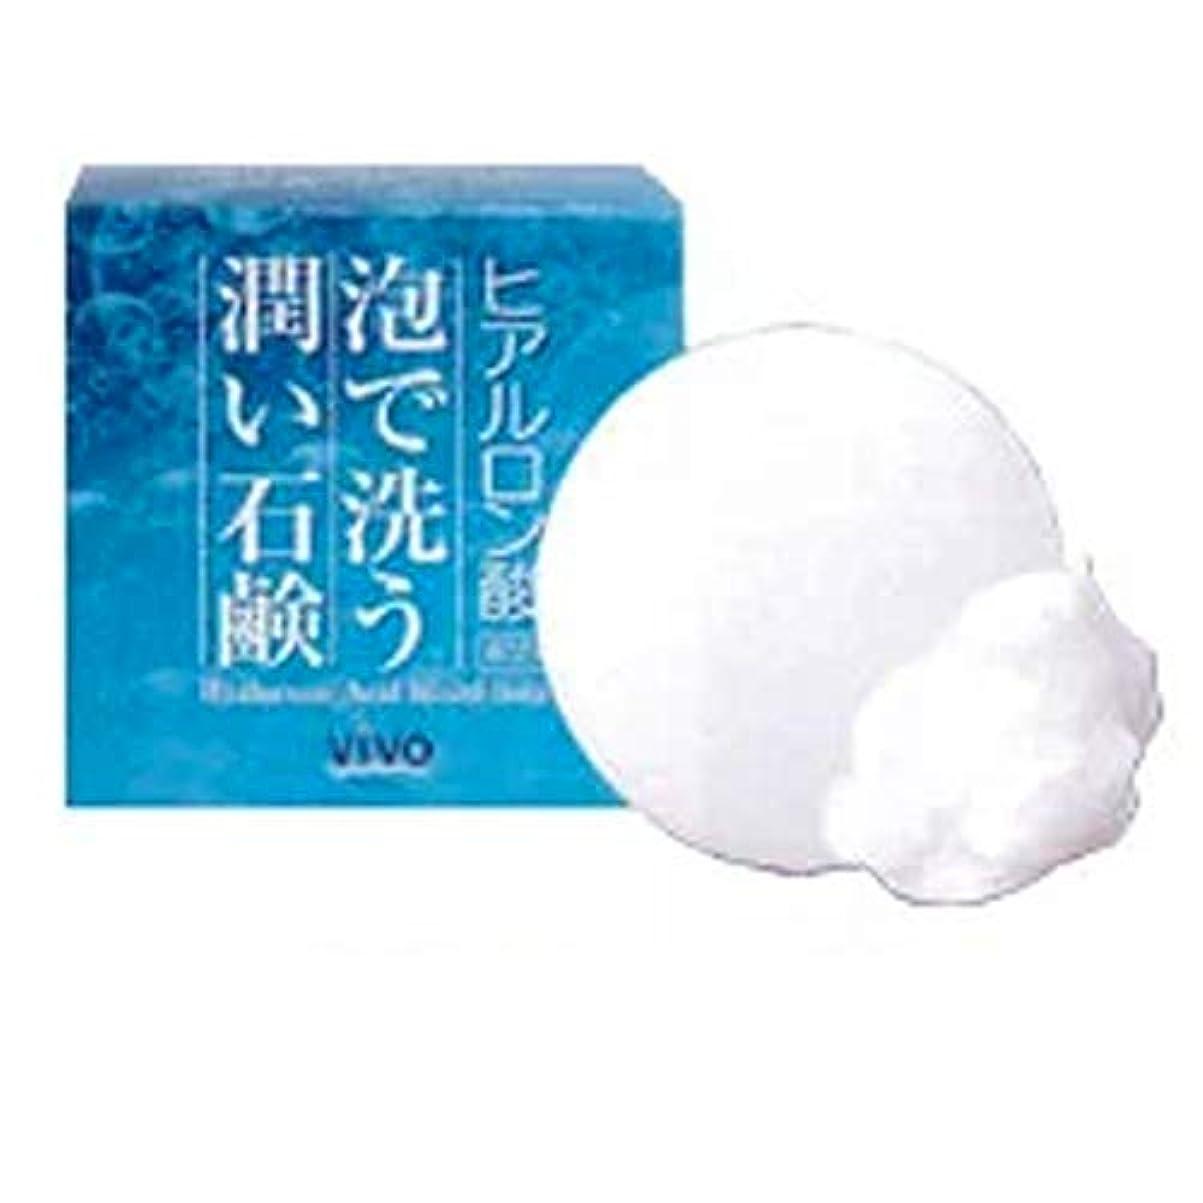 こだわり時々チケットBella Vivo ヒアルロン酸洗顔石鹸 3個セット